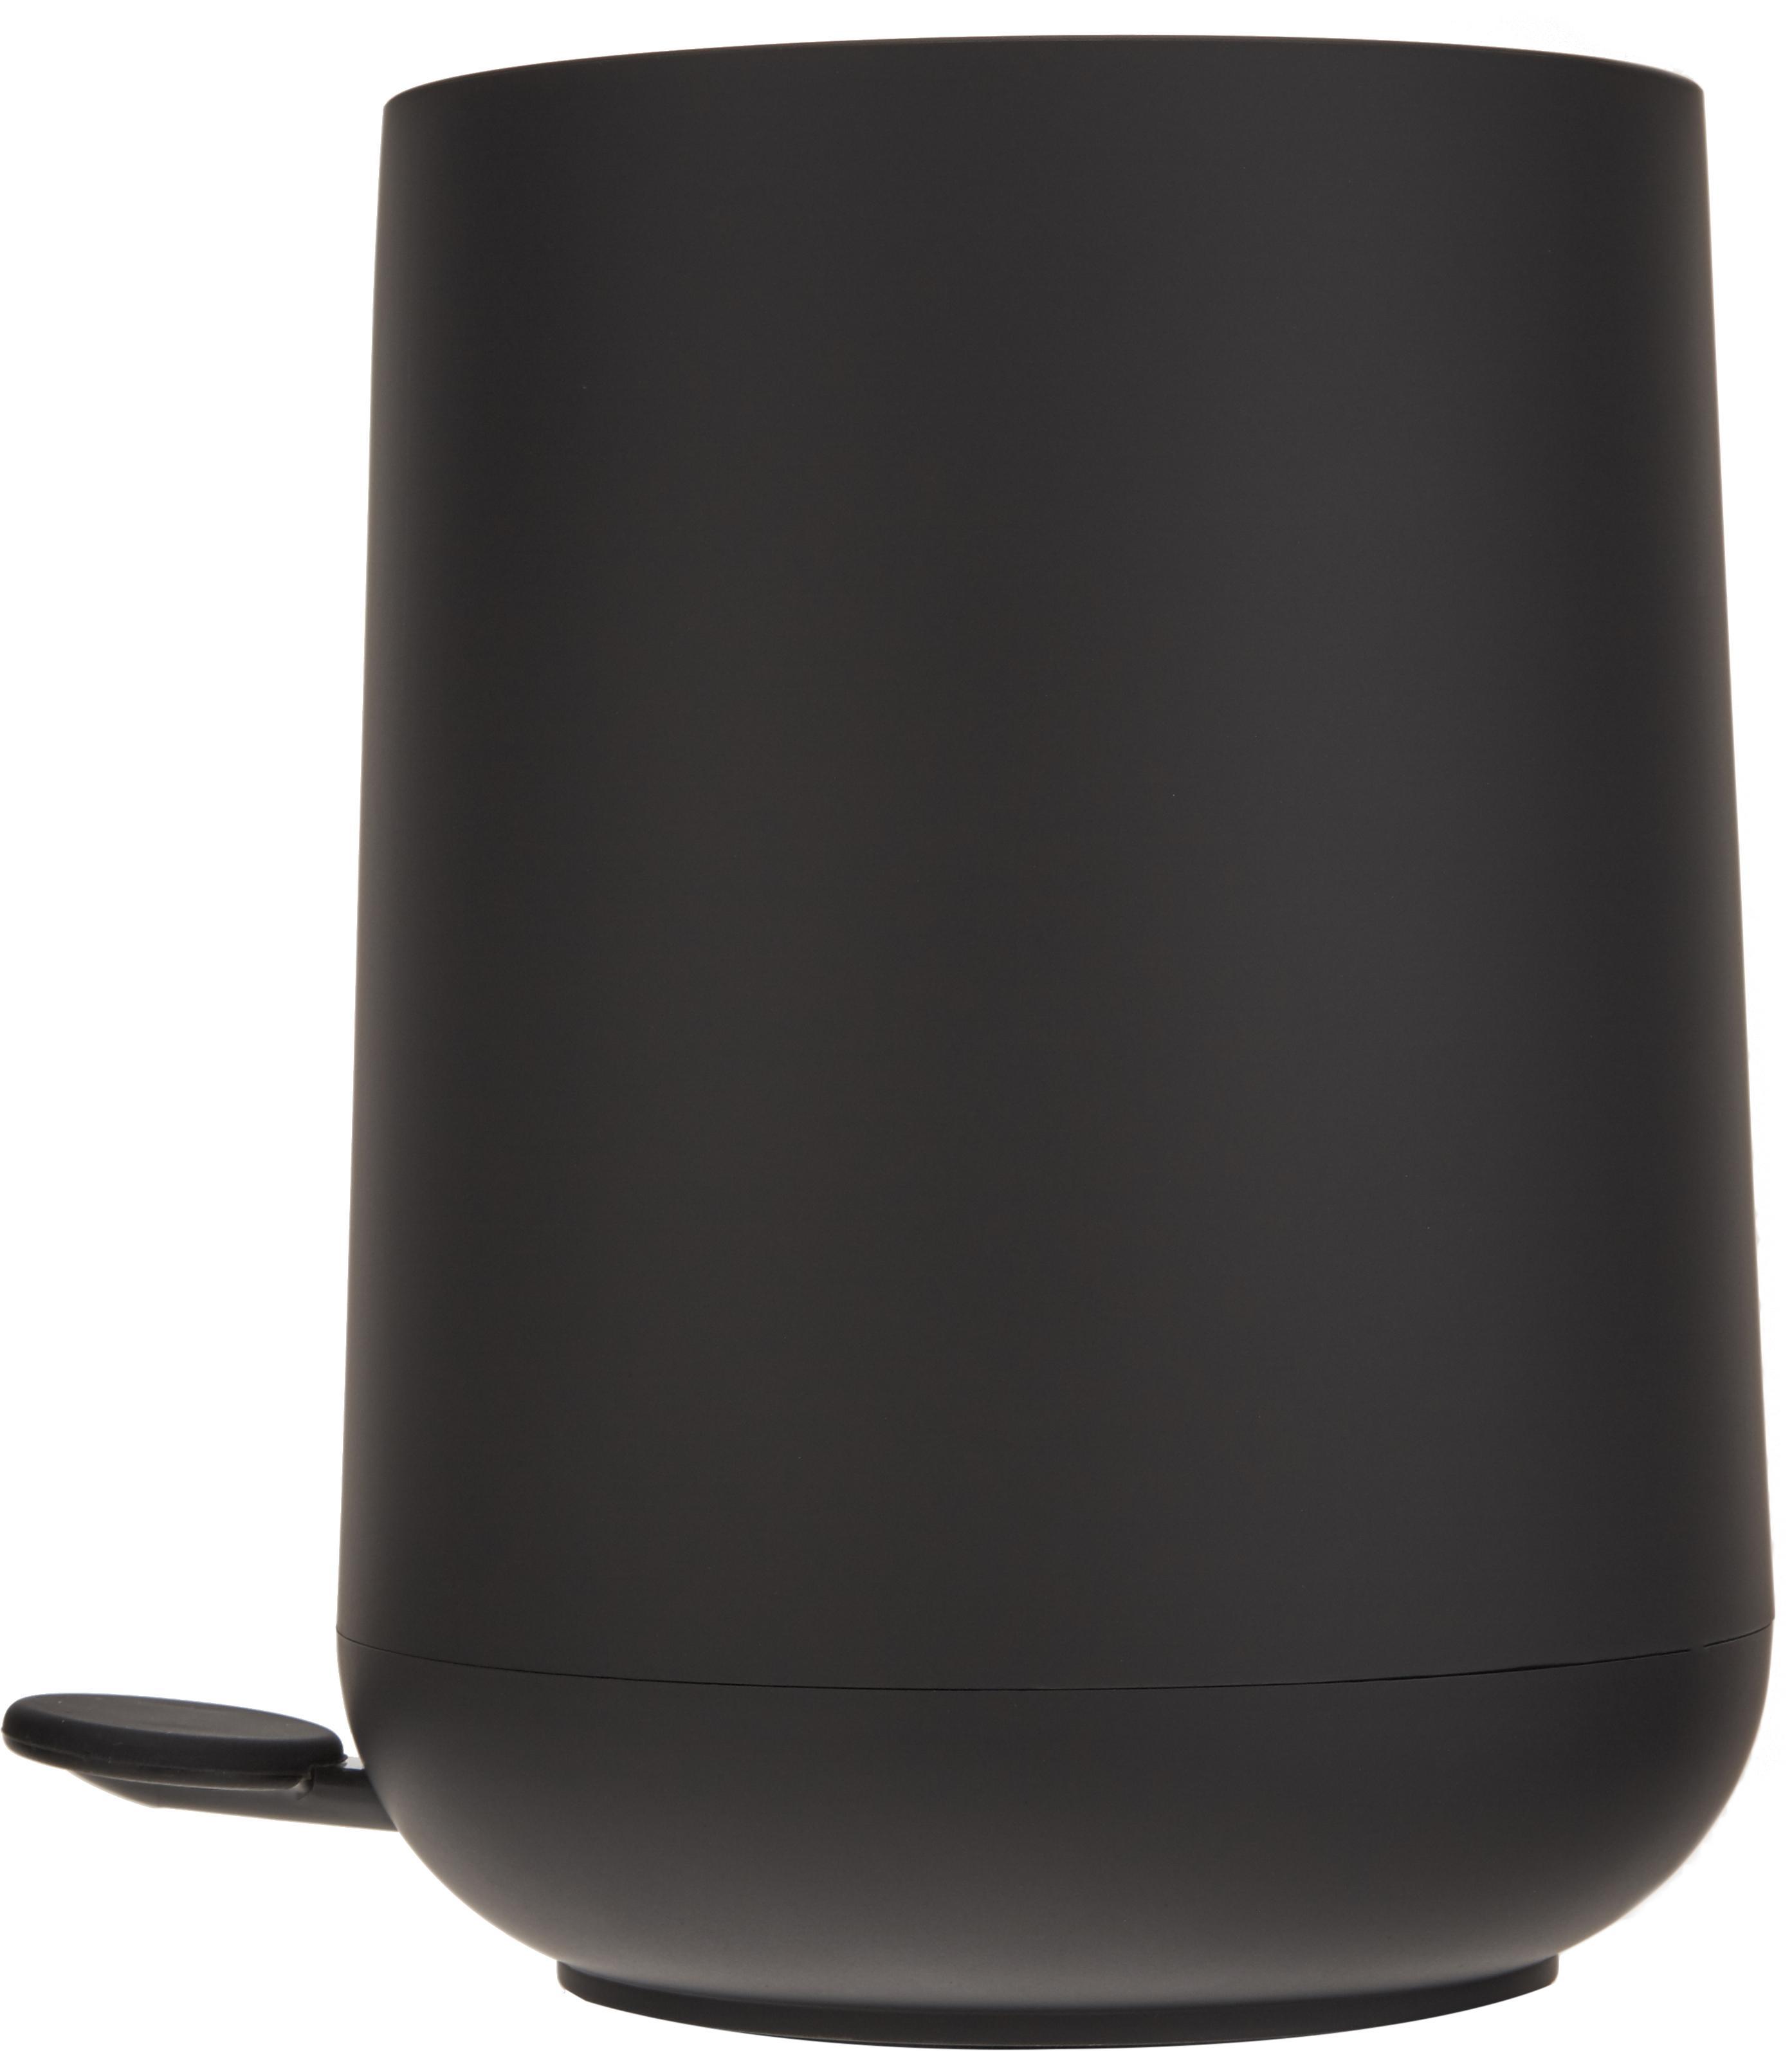 Pattumiera Nova, Materiale sintetico ABS, Nero, Ø 23 x A 29 cm